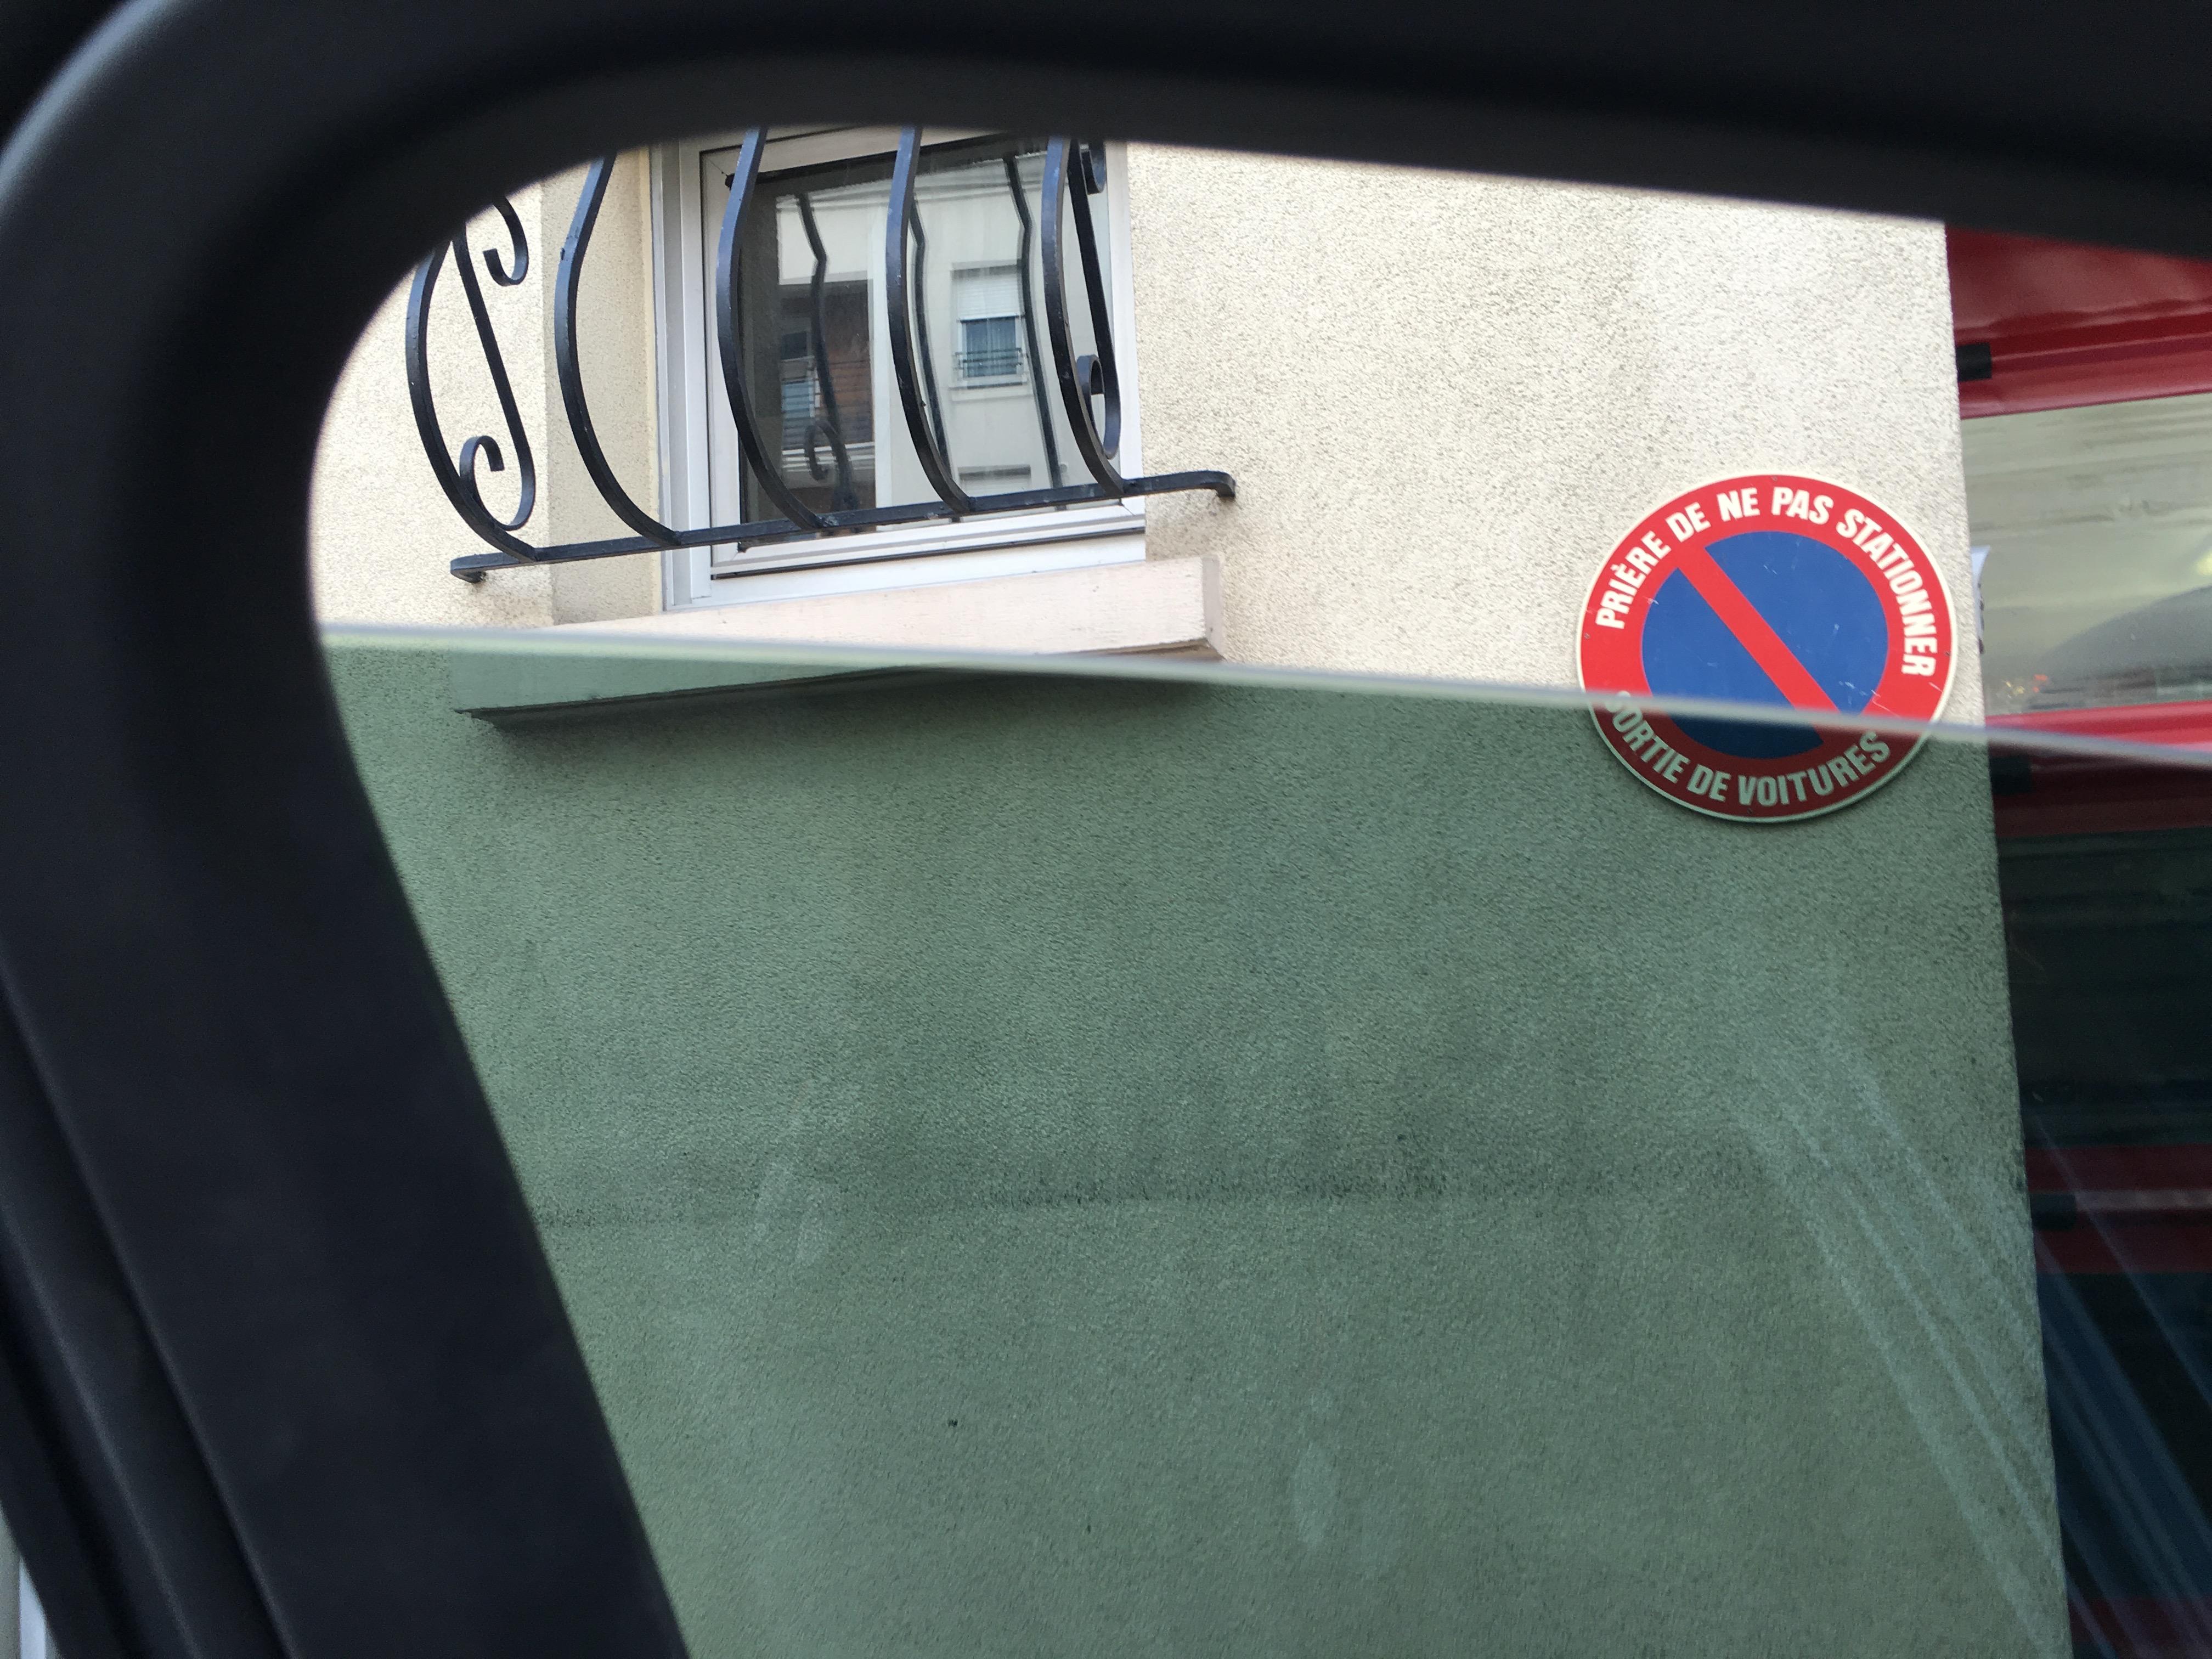 img 0292 vitre teint e automobile pose vitres teint es pour voiture autofilms sp cialise. Black Bedroom Furniture Sets. Home Design Ideas